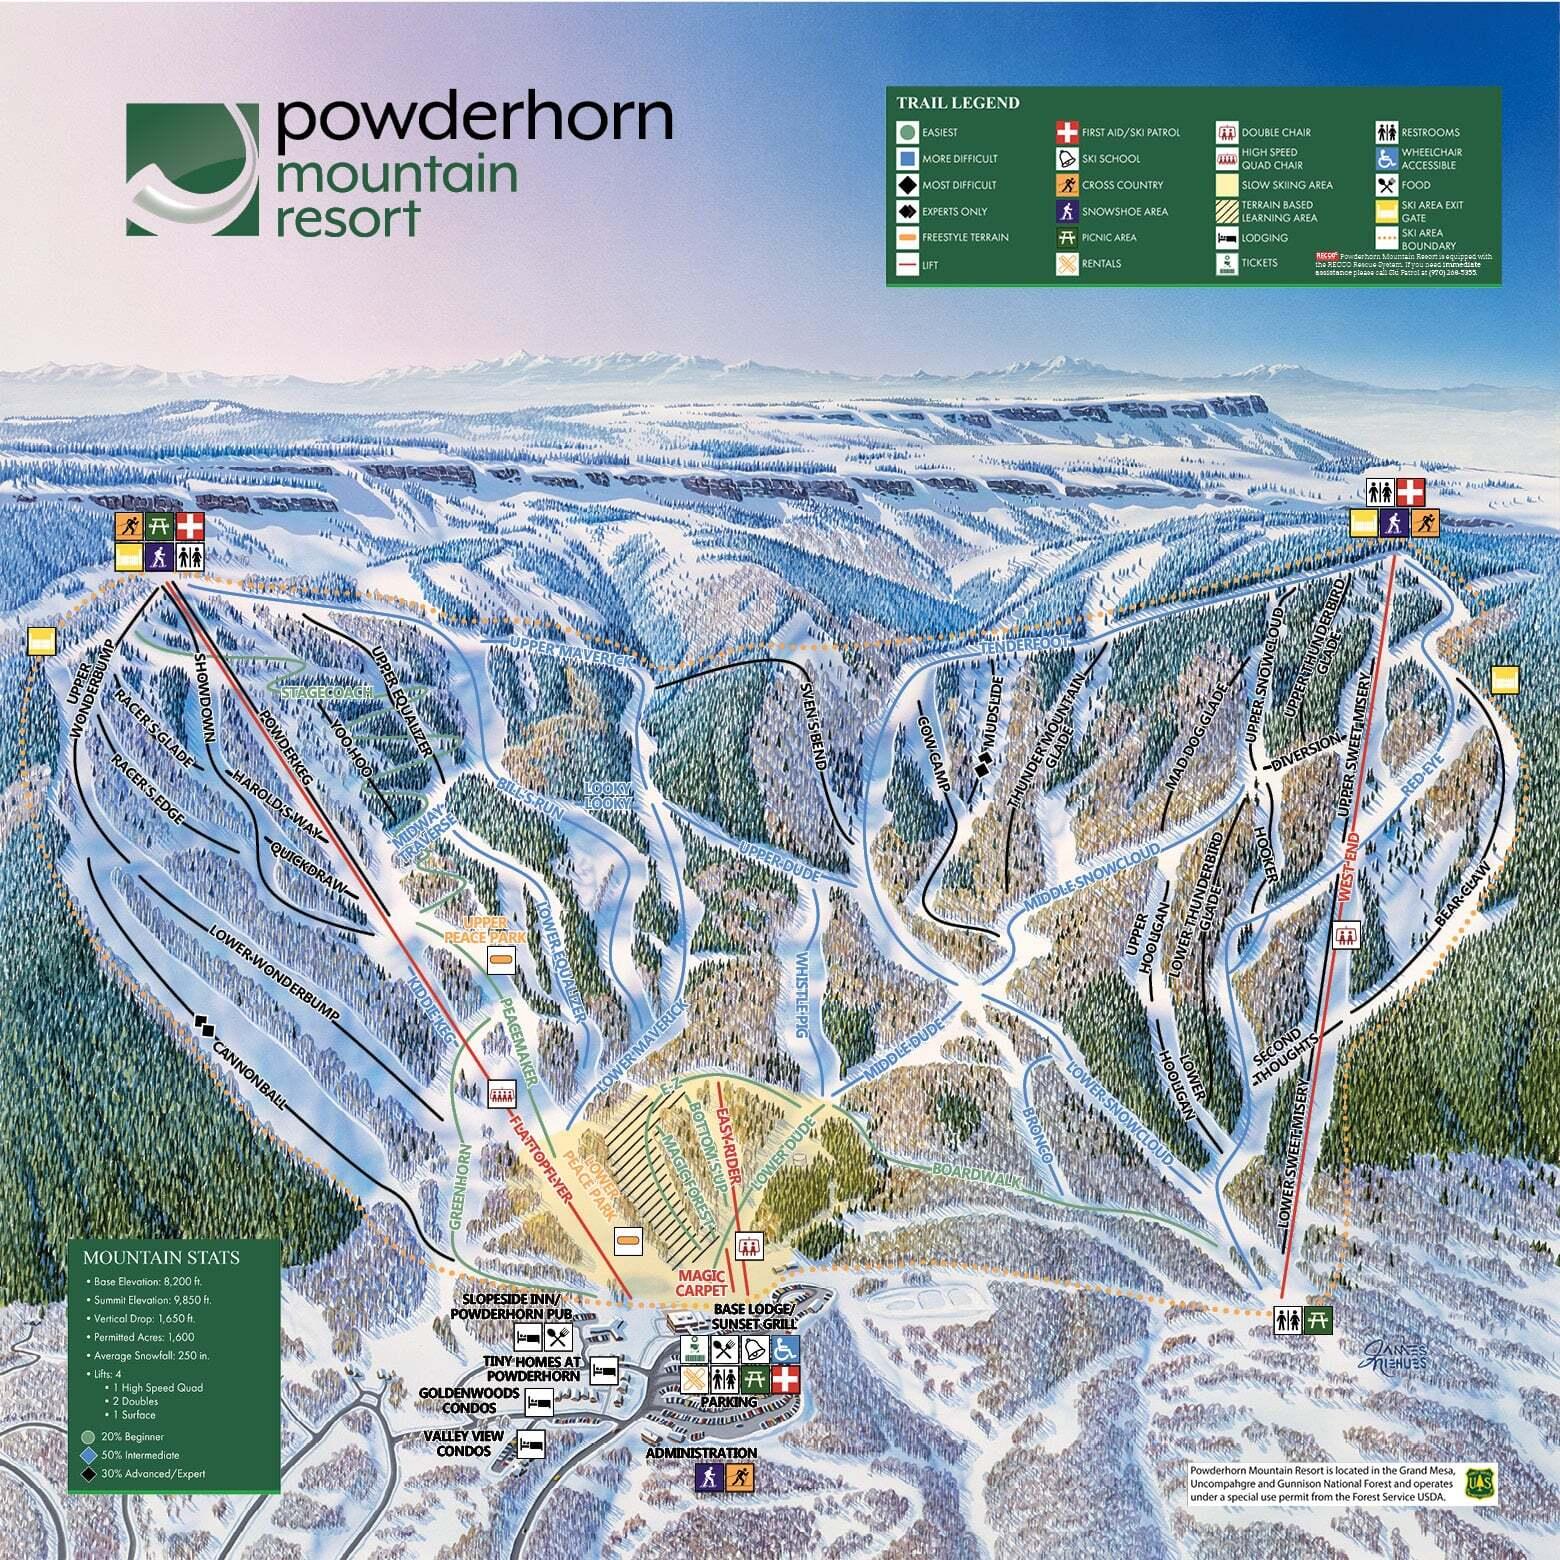 Powderhorn Piste / Trail Map